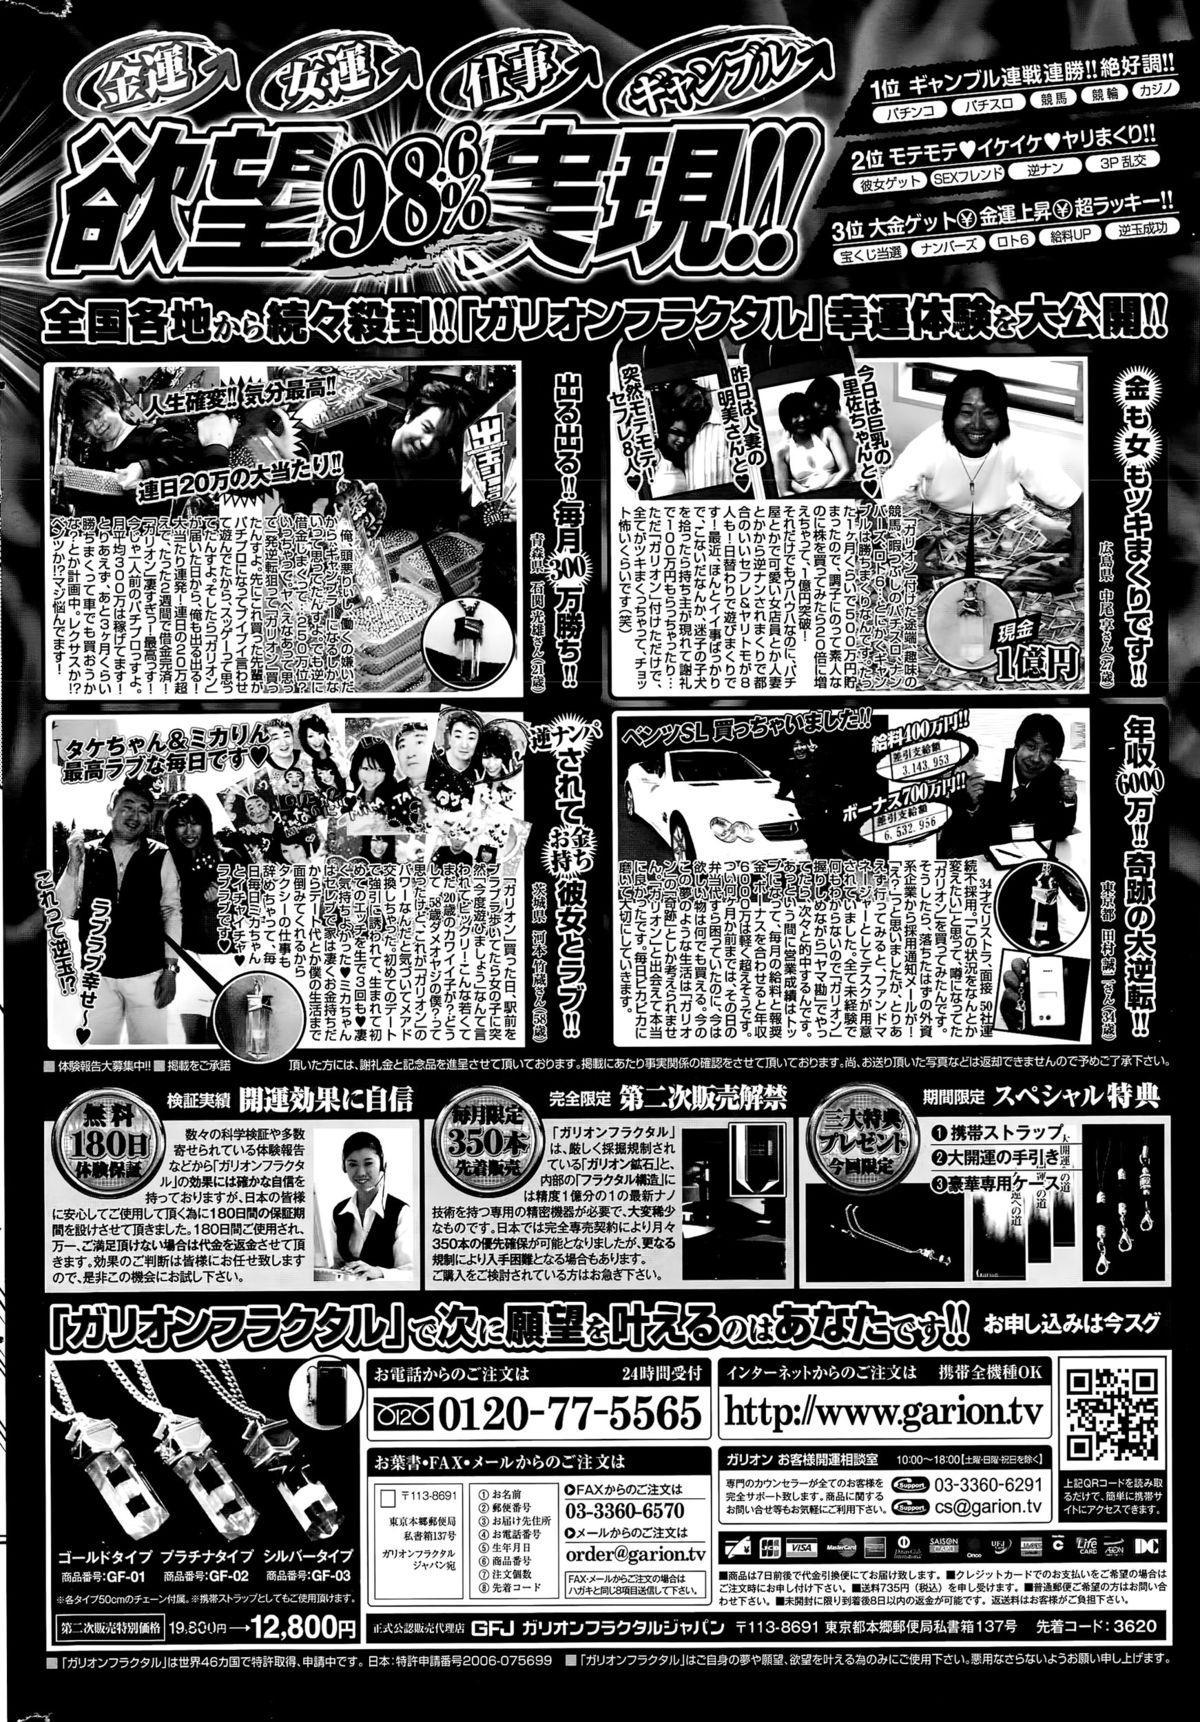 COMIC Potpourri Club 2015-11 311